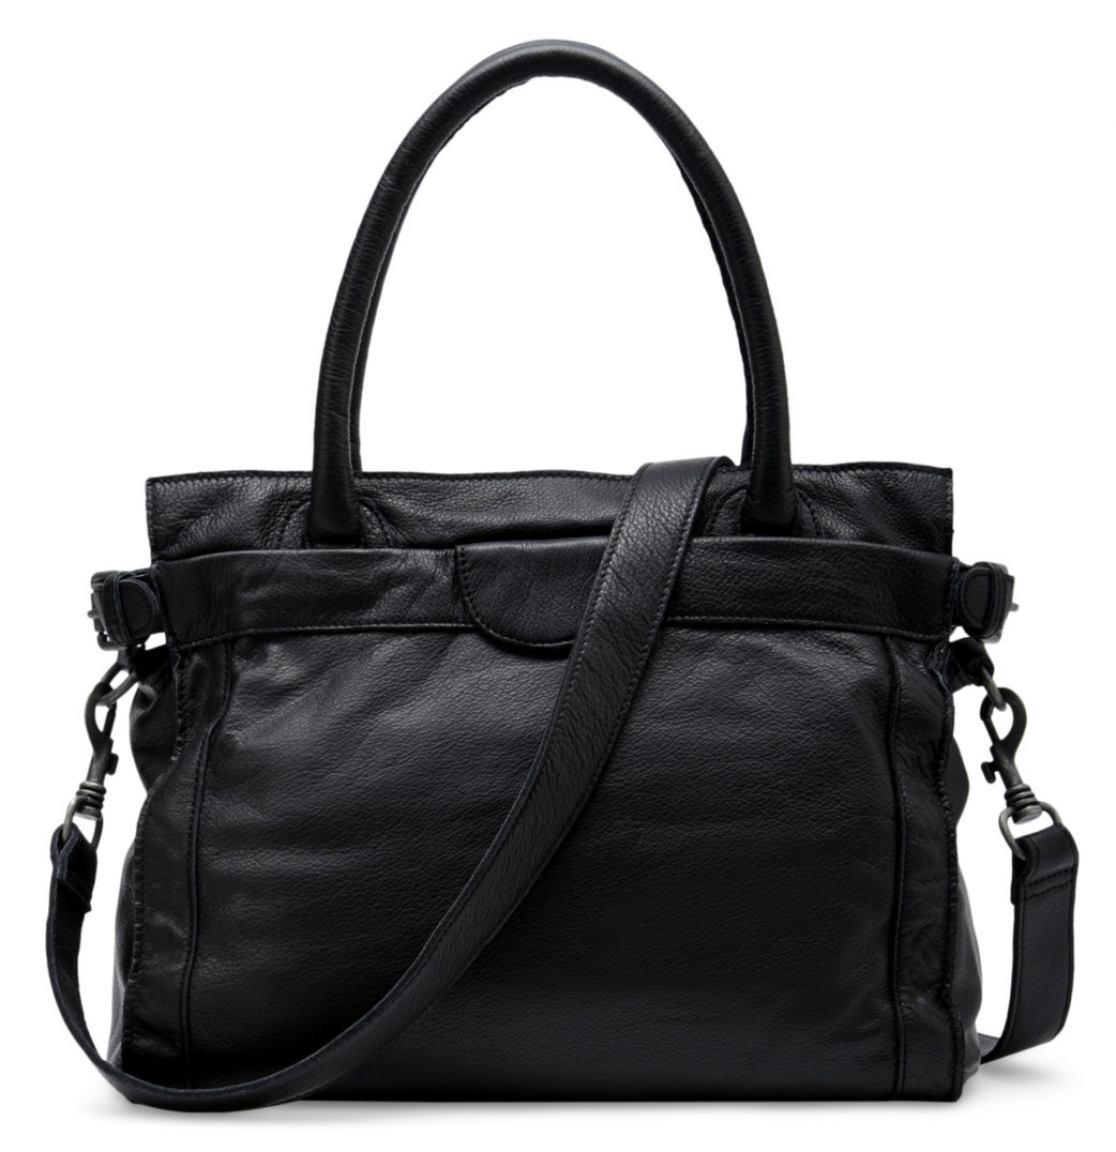 henkeltasche liebeskind glory vintage leder black schwarz bags more. Black Bedroom Furniture Sets. Home Design Ideas